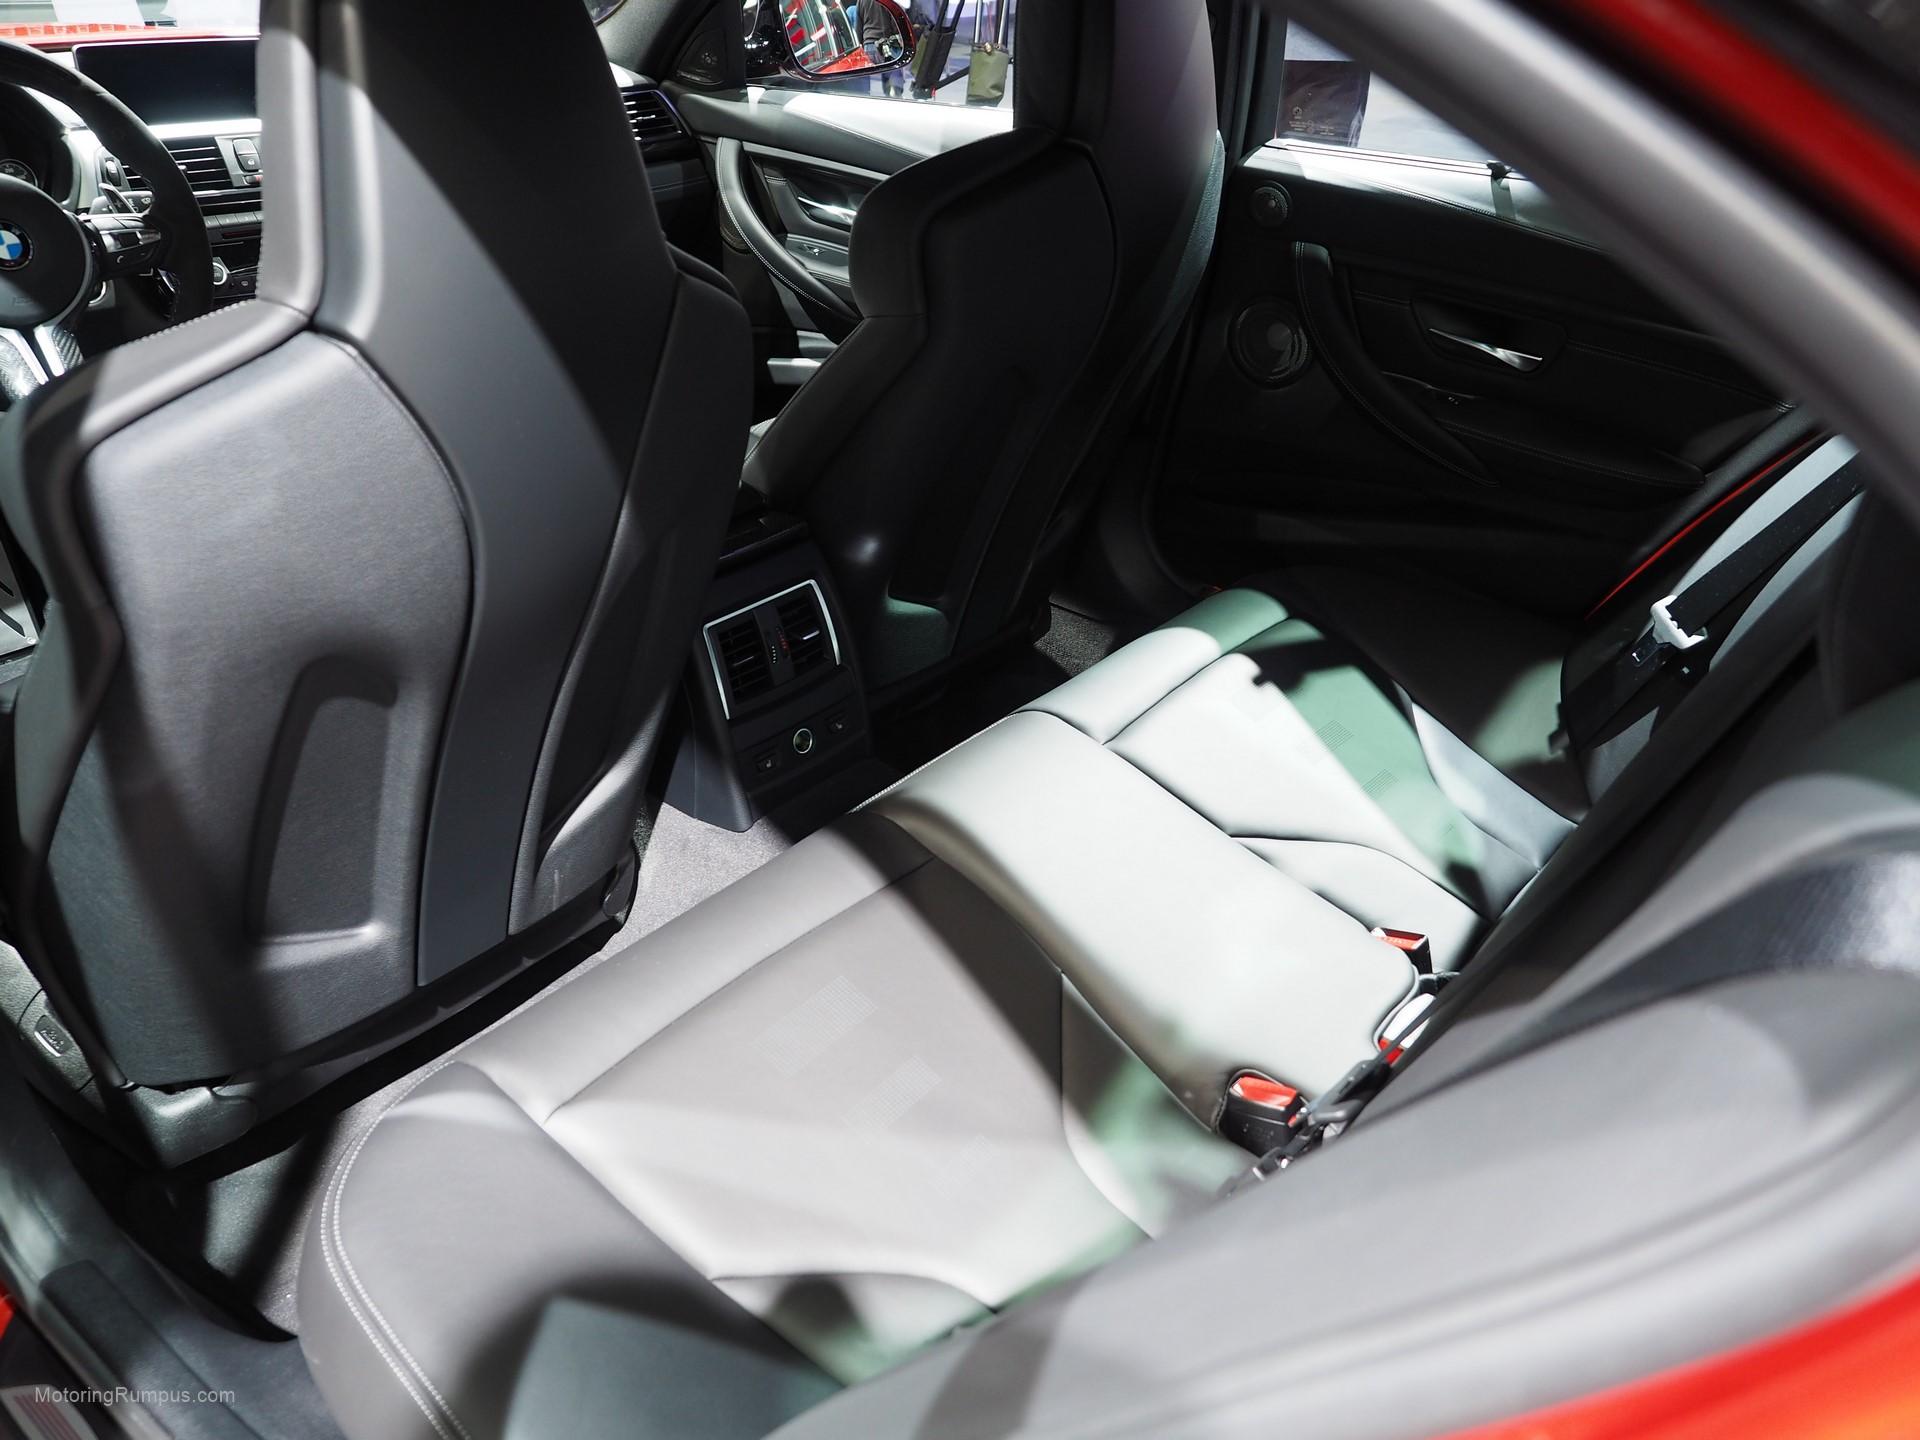 2016 NAIAS BMW M3 Rear Seats